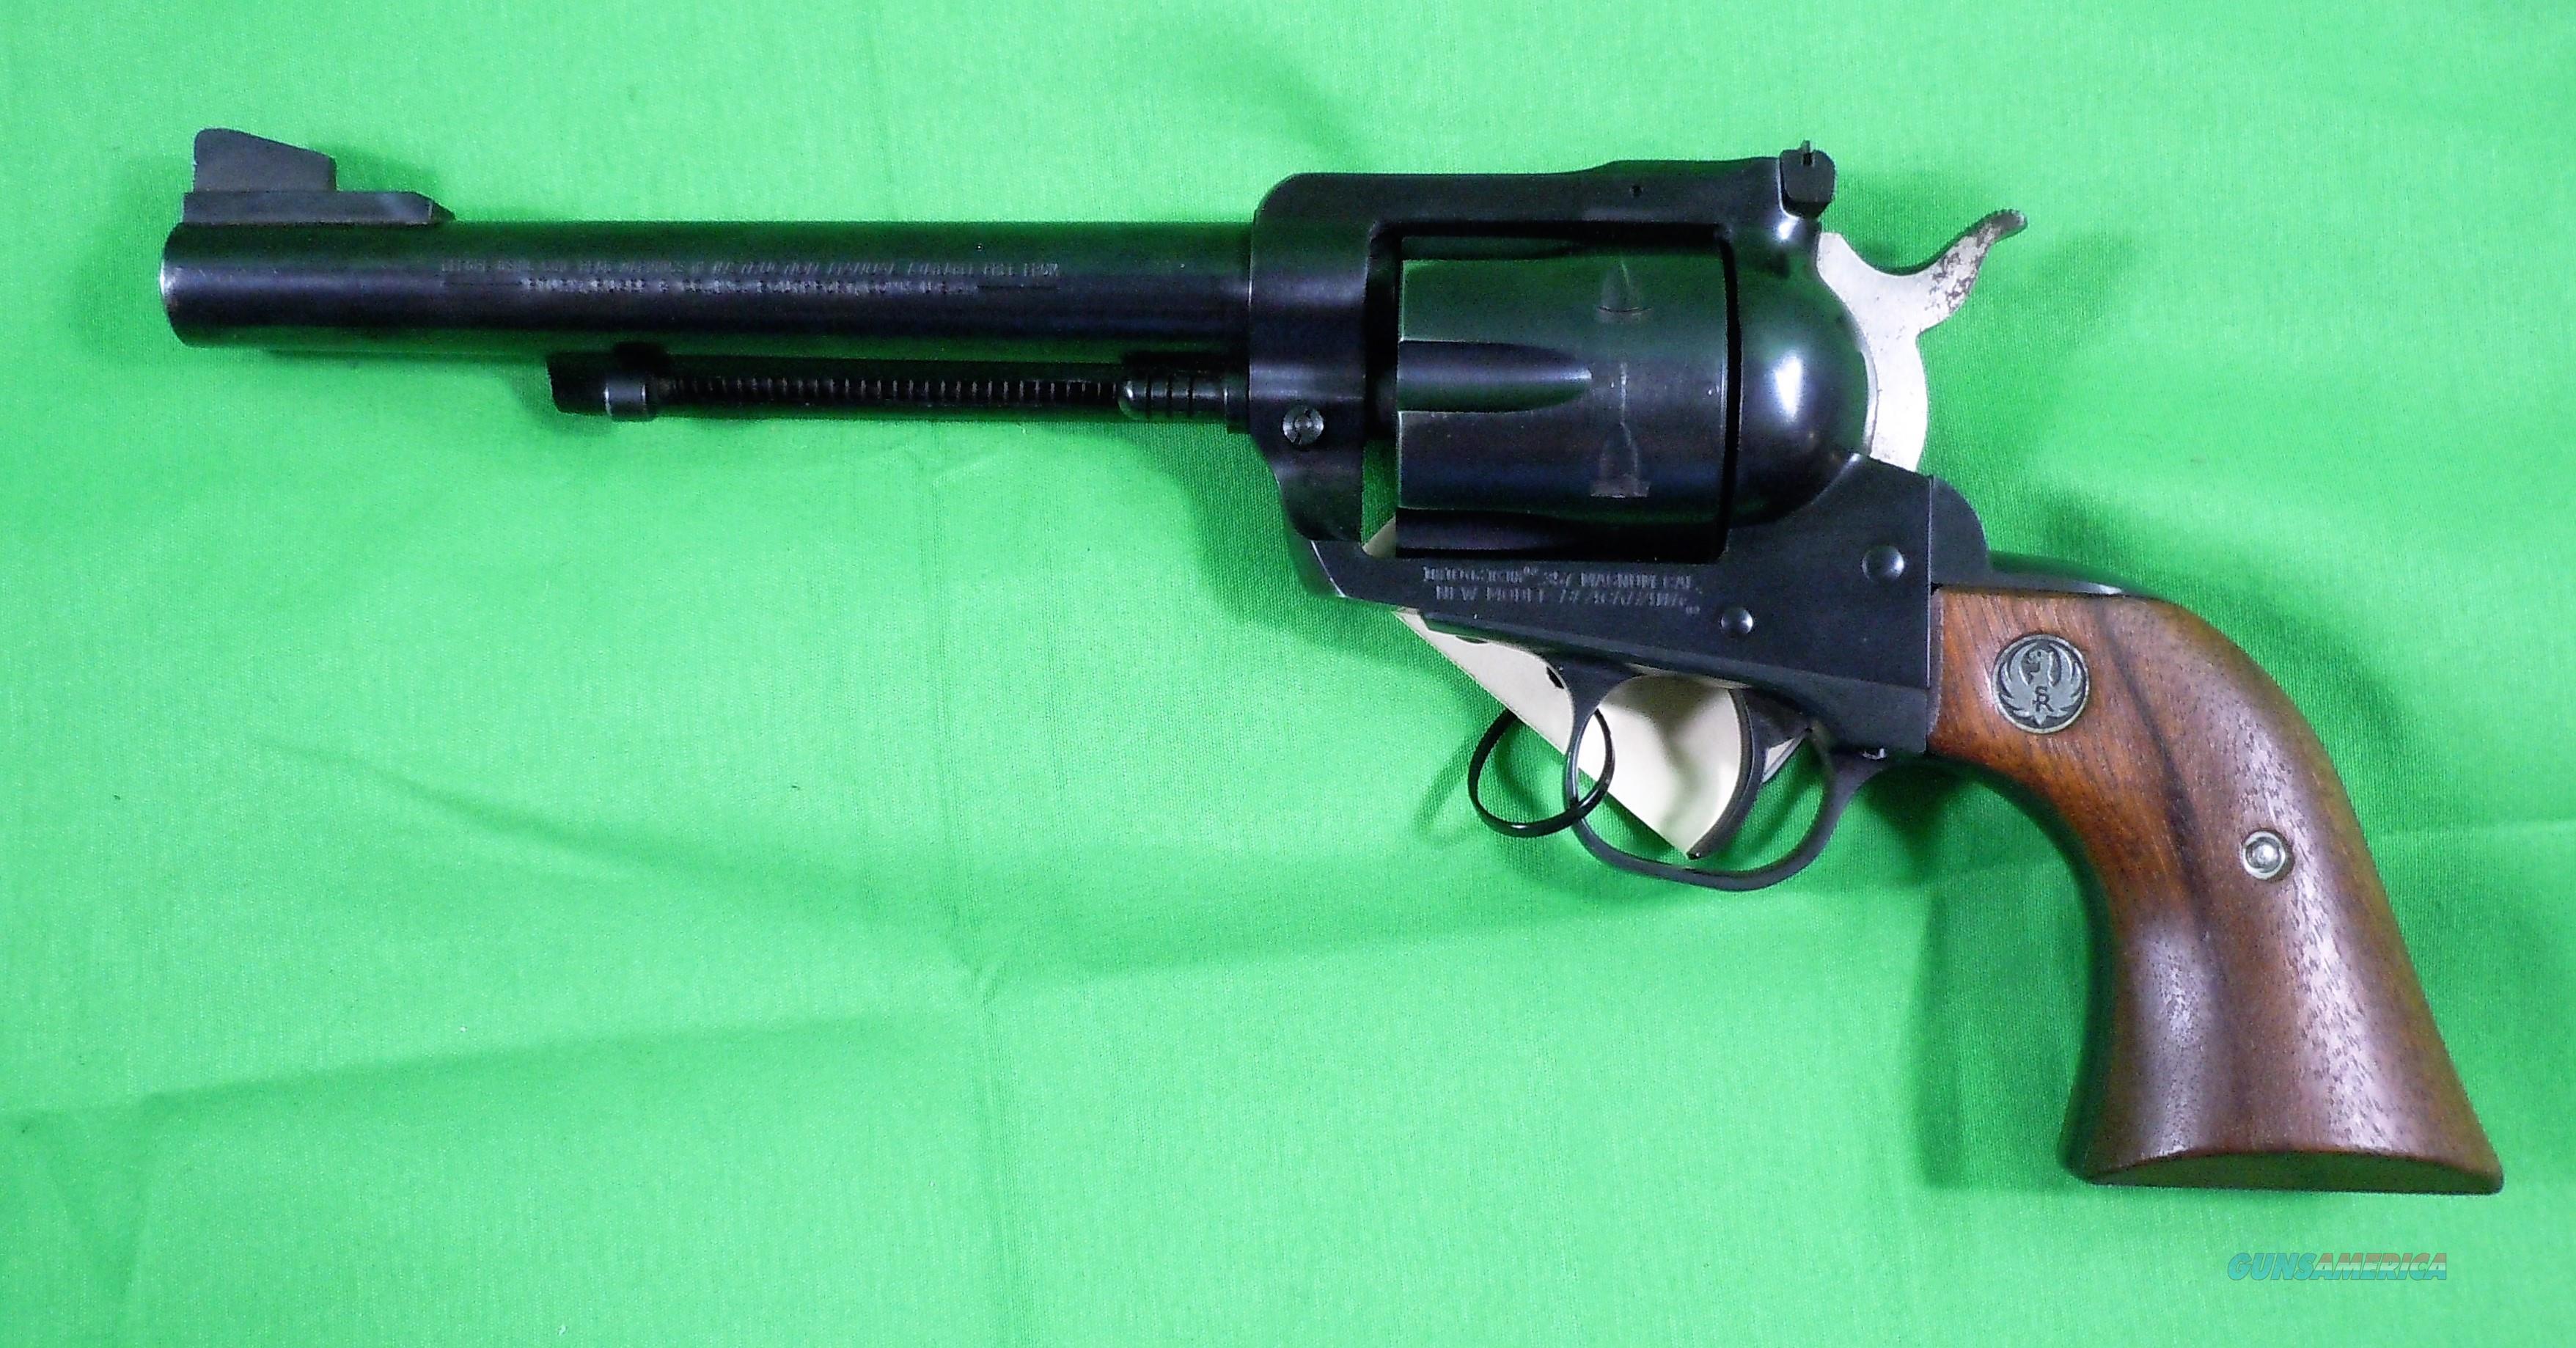 Ruger Blackhawk Single Action .357 Magnum Revolver  Guns > Pistols > Ruger Single Action Revolvers > Blackhawk Type